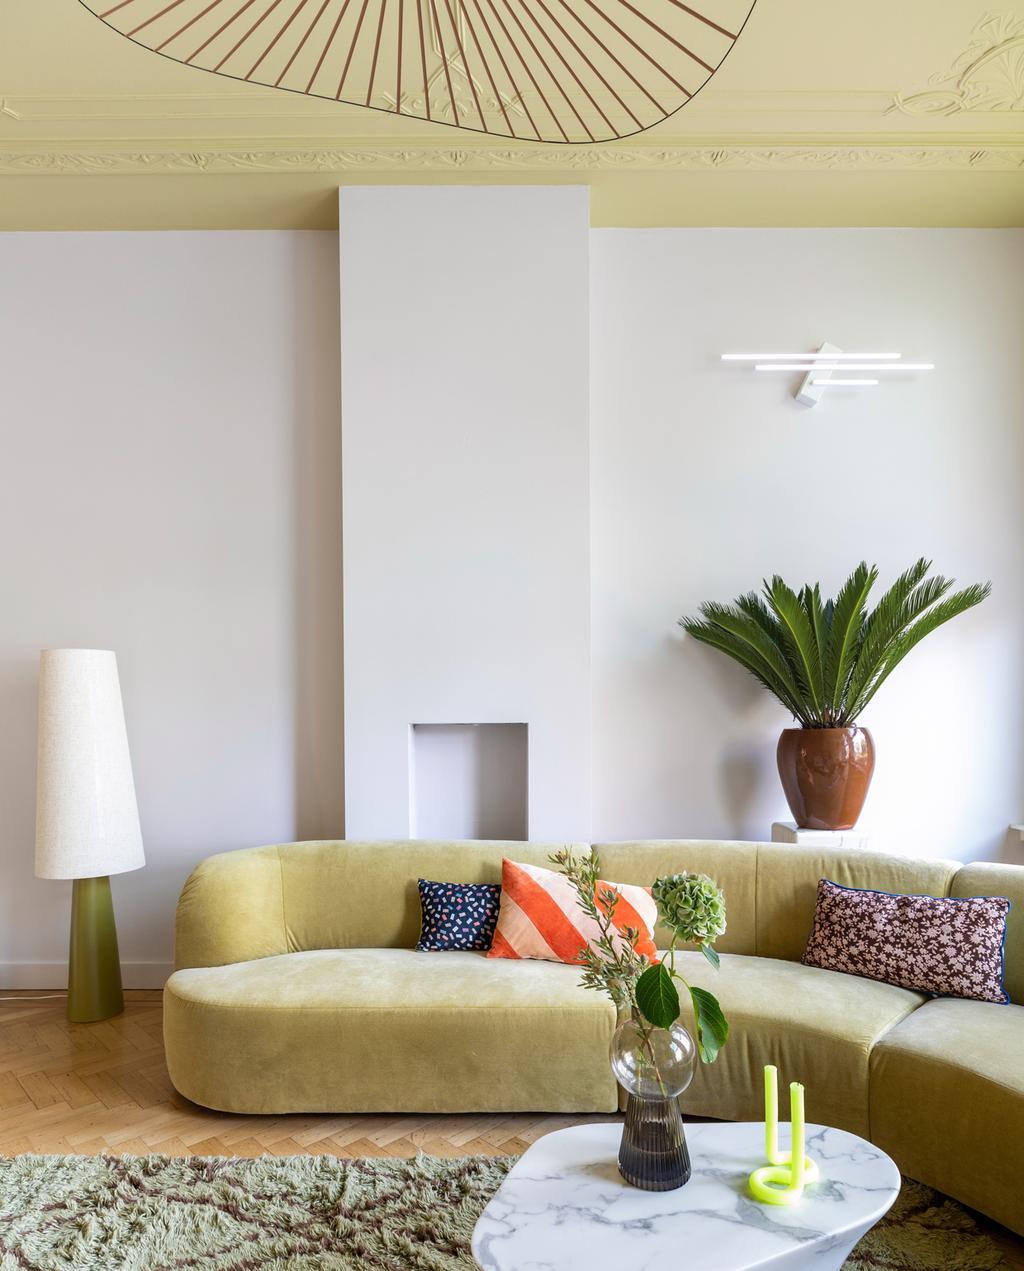 vtwonen weer verliefd op je huis | aflevering 12 seizoen 13 | stylist Marianne in Rotterdam | kleuren die vrolijk maken